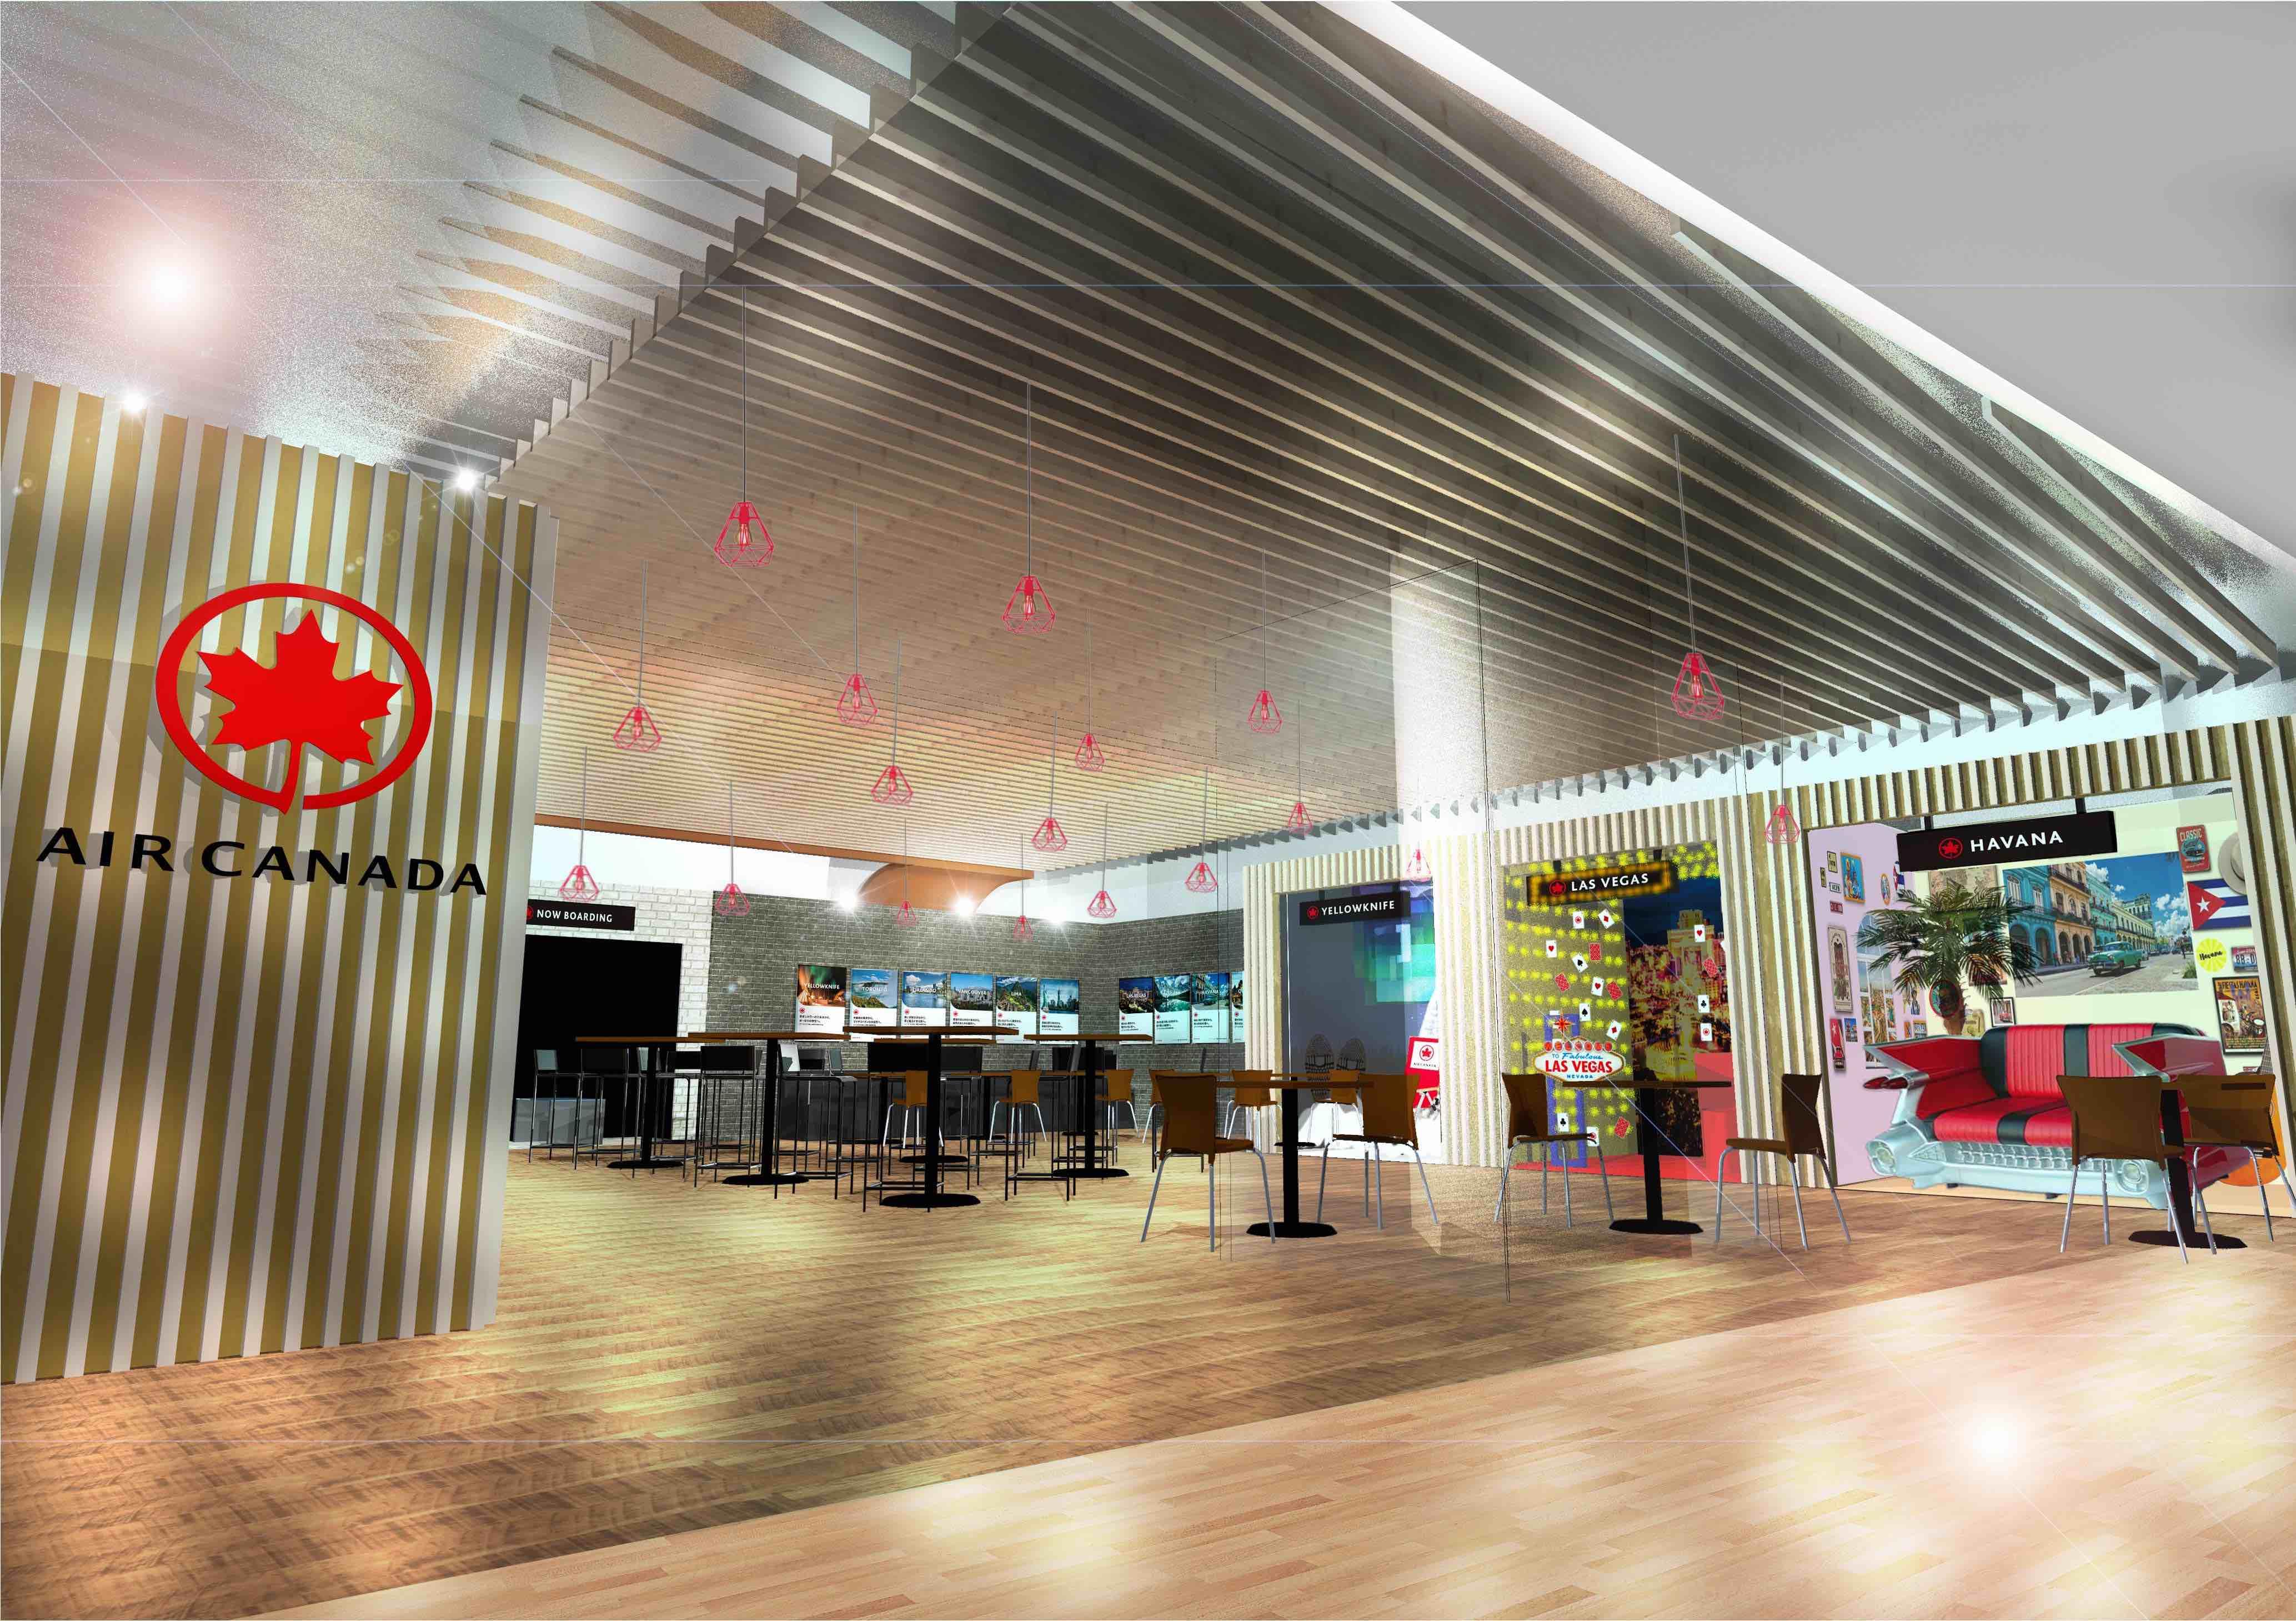 エア・カナダ、六本木ヒルズに期間限定カフェ、就航10都市をモチーフにした伝統料理を提供